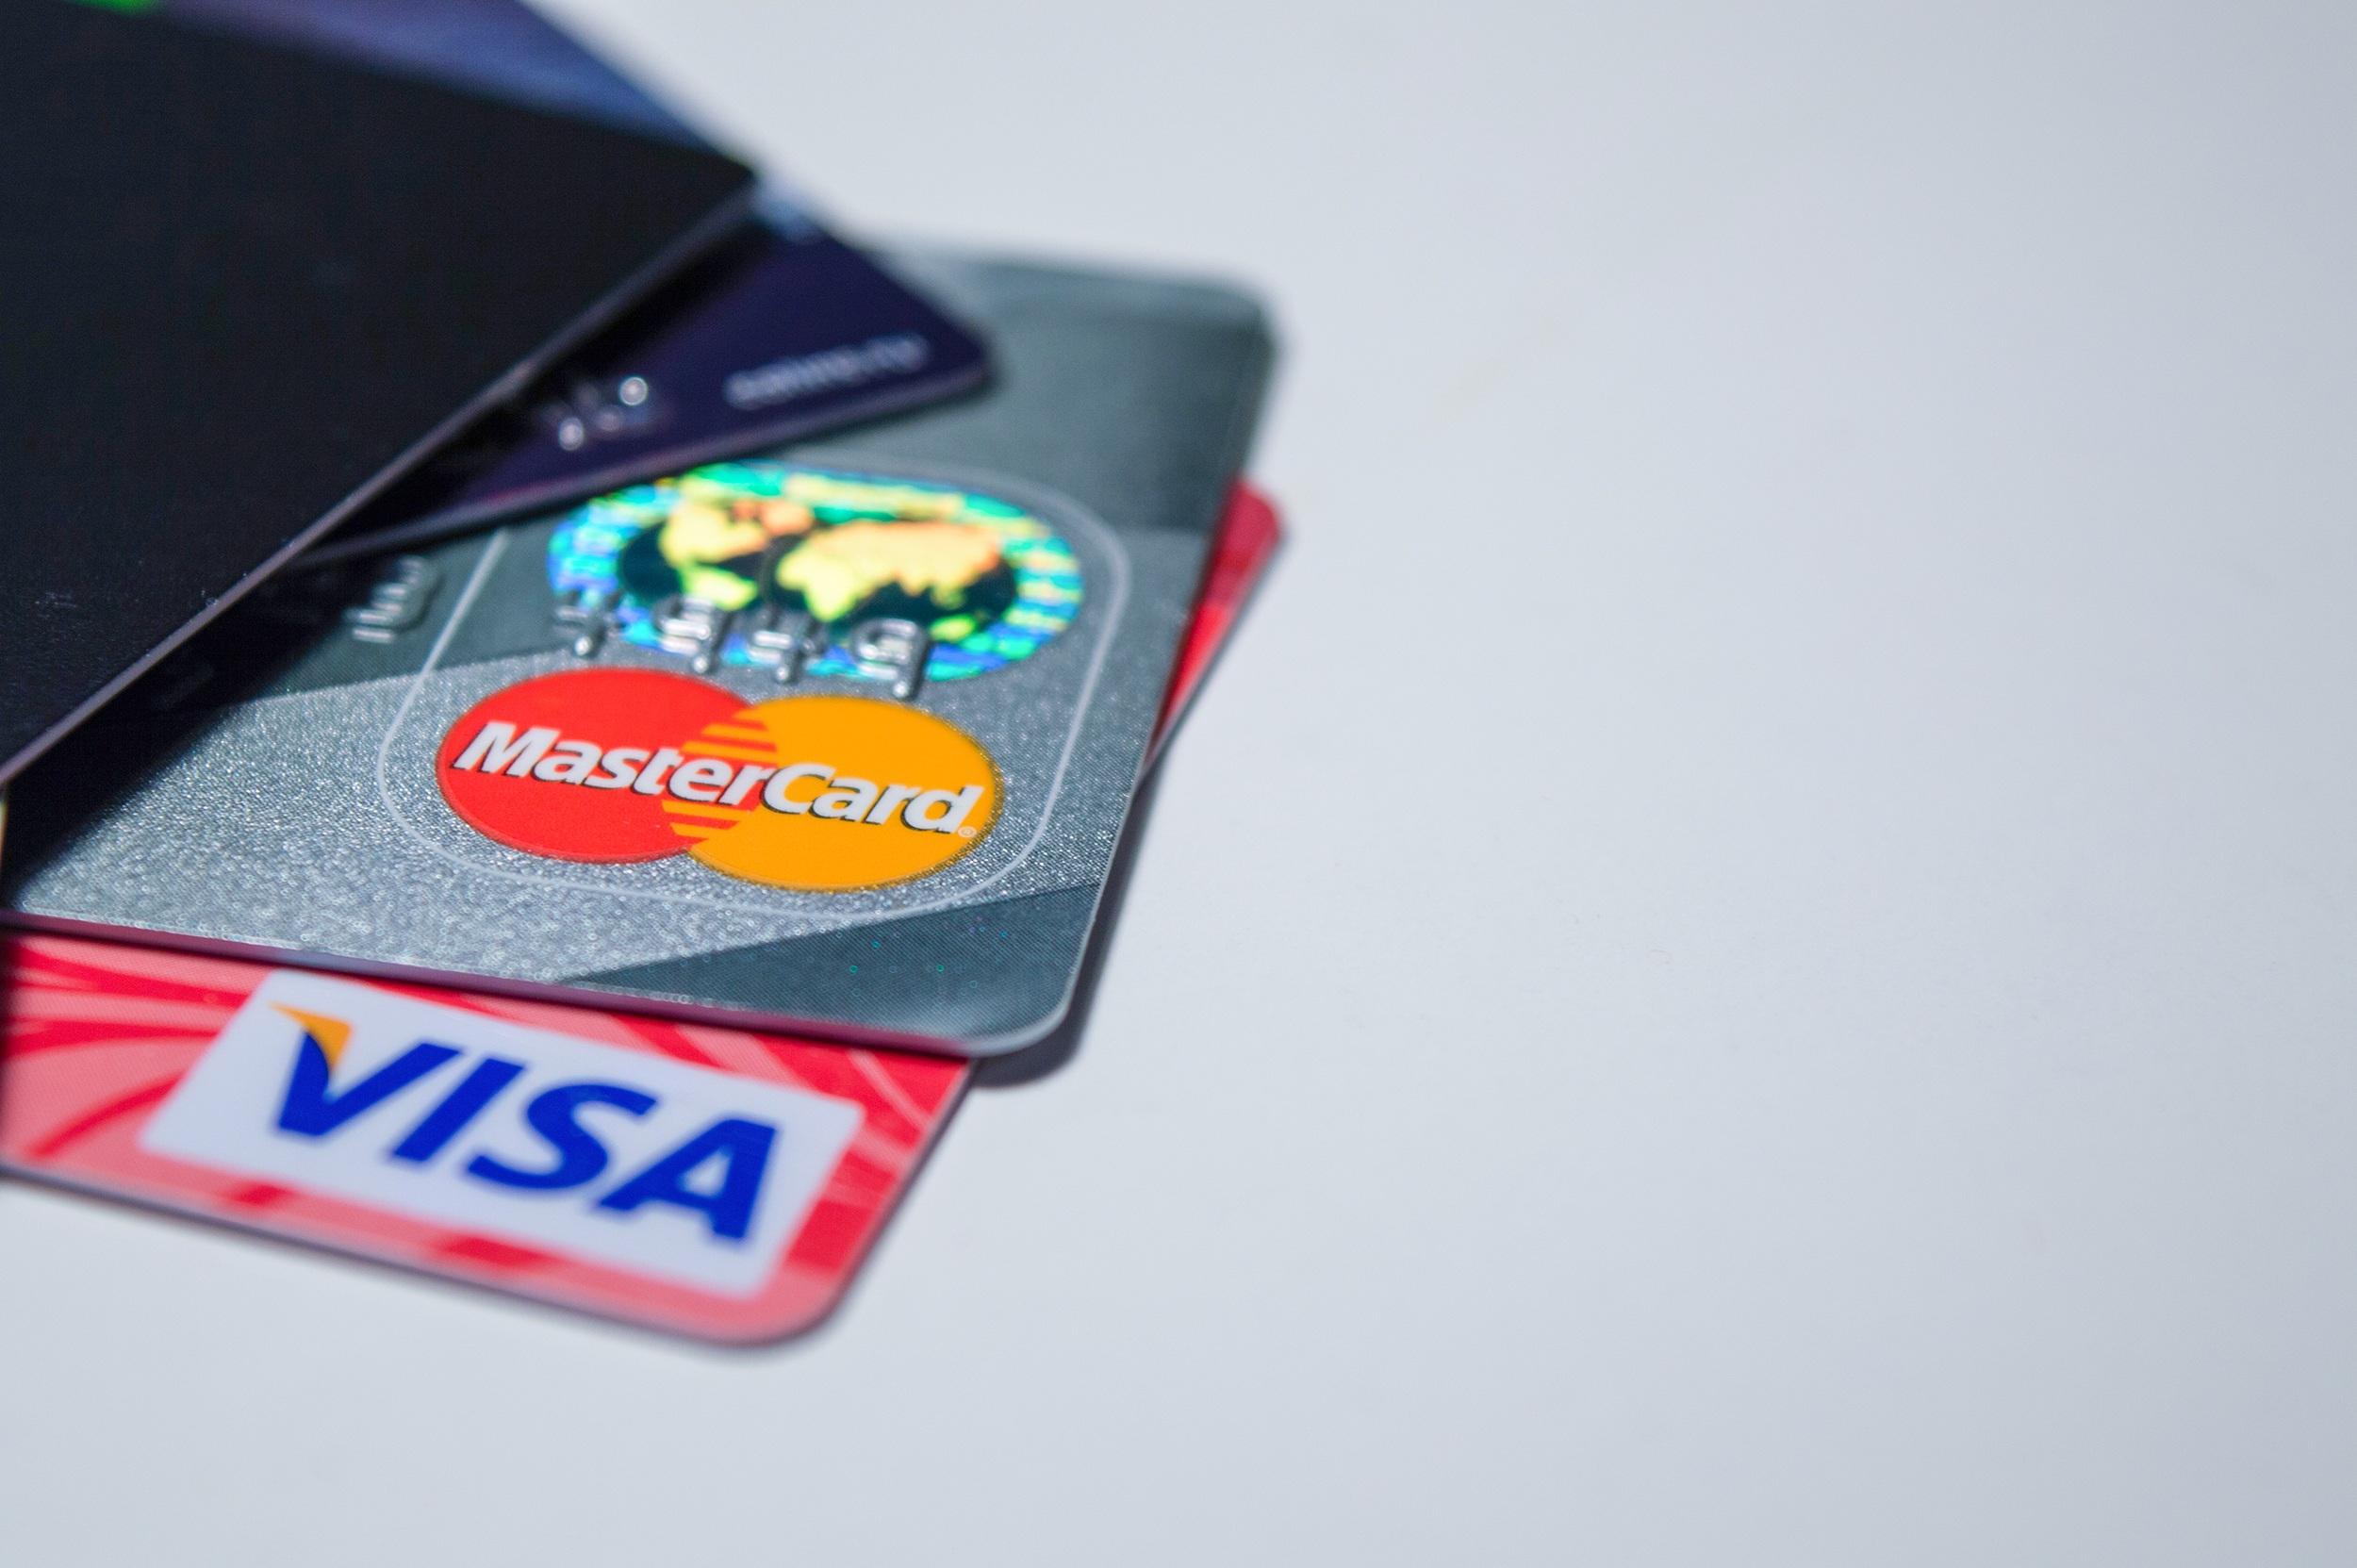 รีไฟแนนซ์บัตรเครดิตกับIBANKรวมหนี้บัตรเครดิตไว้ที่นี่ที่เดียว-imoney